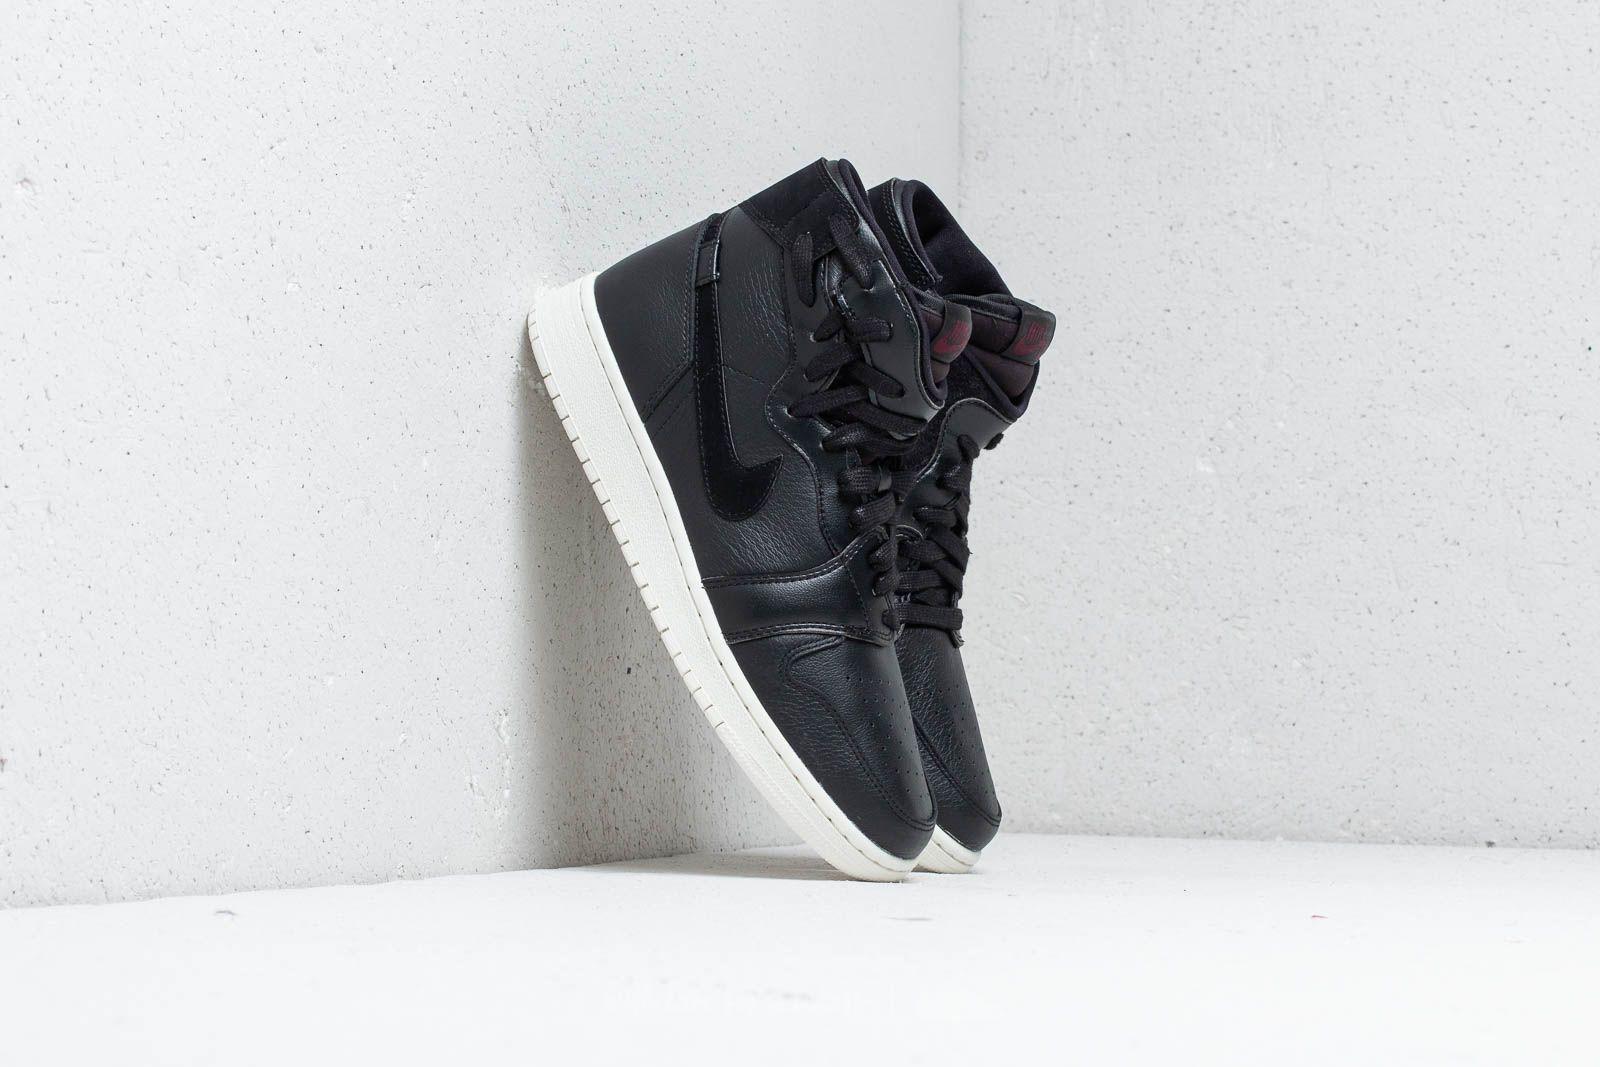 Dámské tenisky a boty Air Jordan 1 Rebel XX Wmns Black/ Black-Sail-Barely Rose